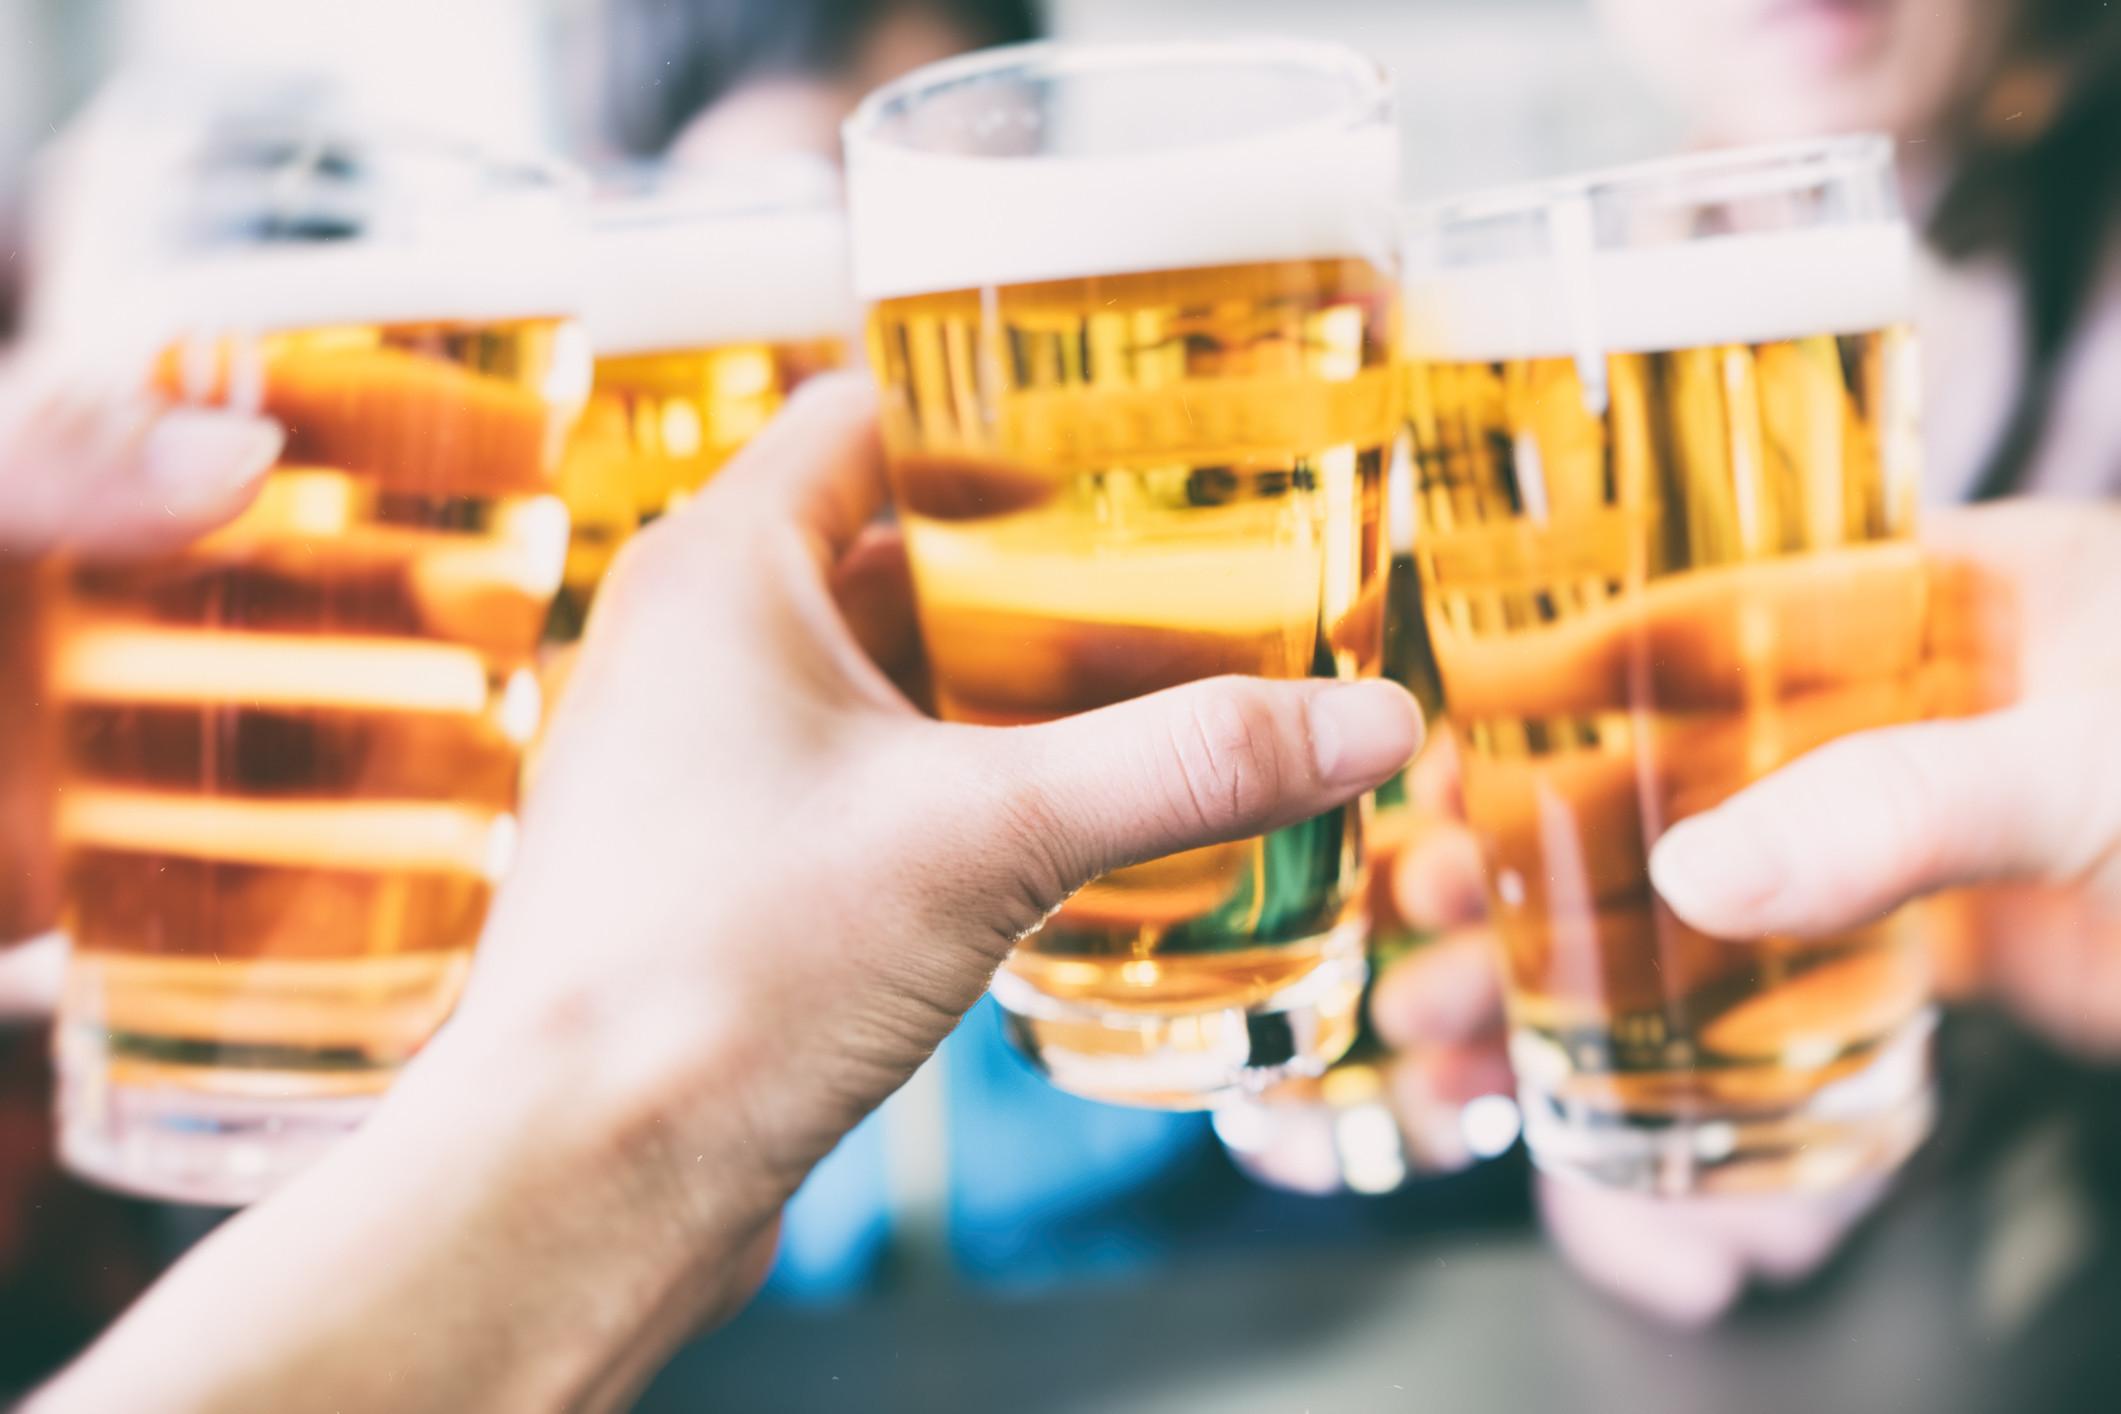 Com 11 mil anos, confira 5 mitos e verdades sobre a cerveja